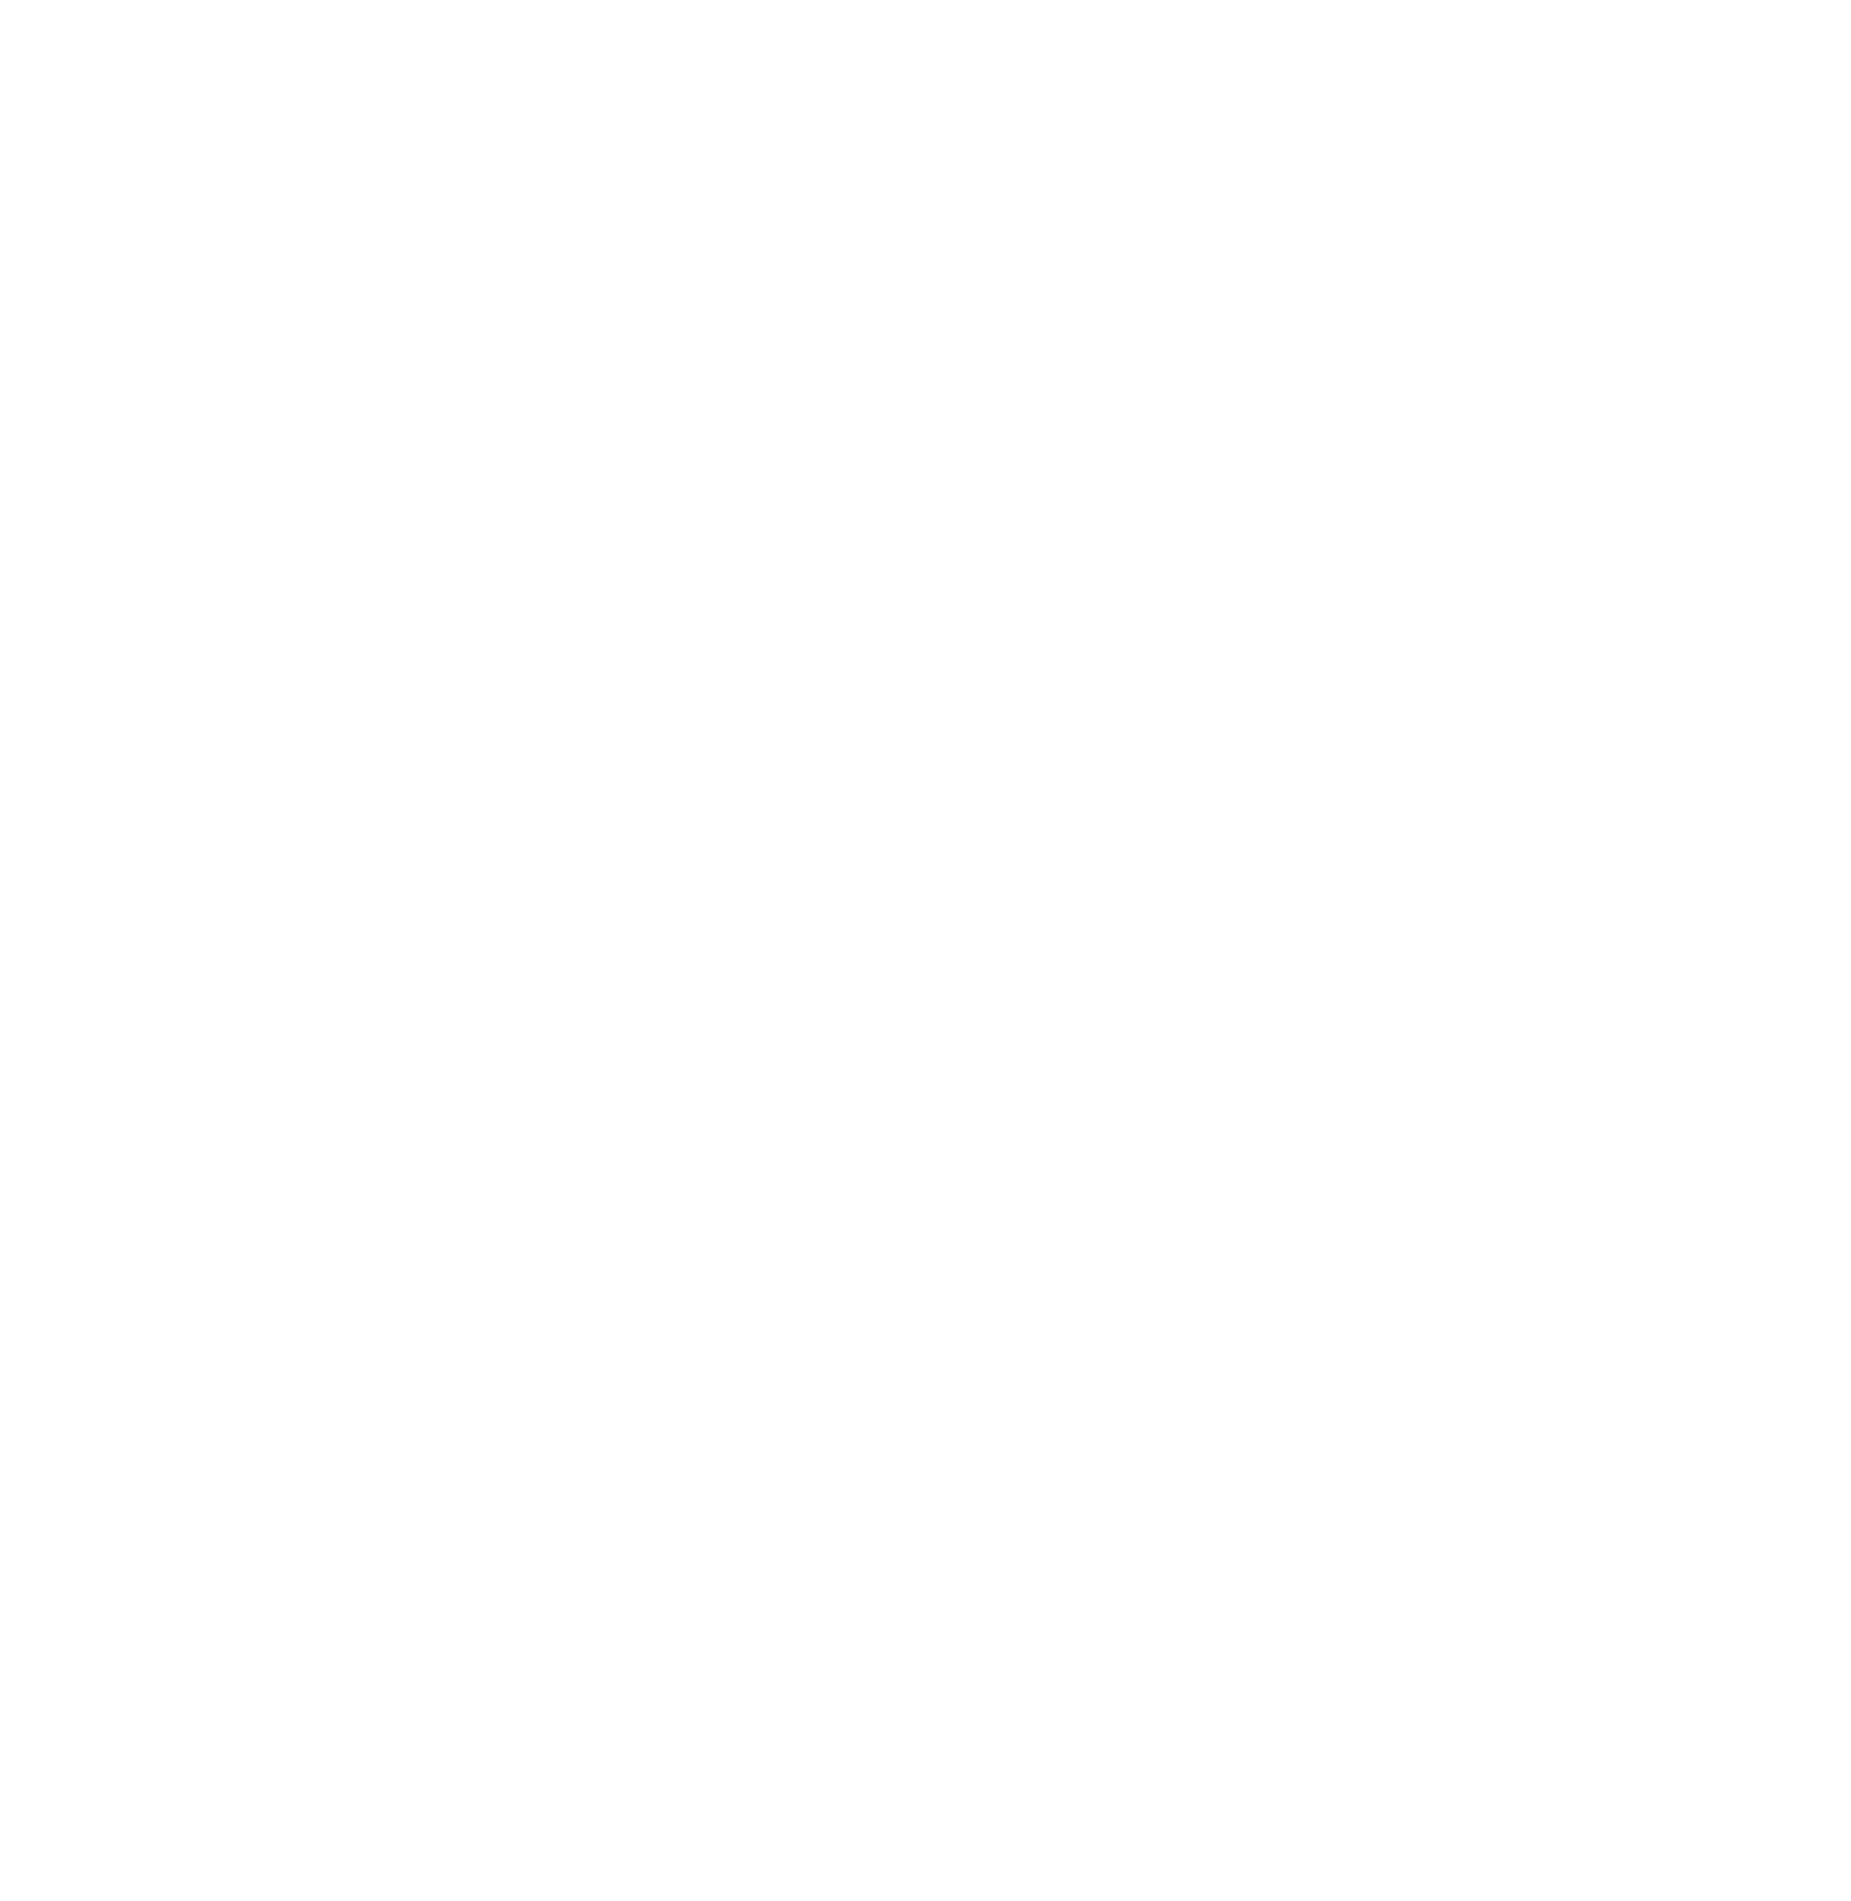 قبول وکالت و مشاوره در اتباع خارجه در ایران